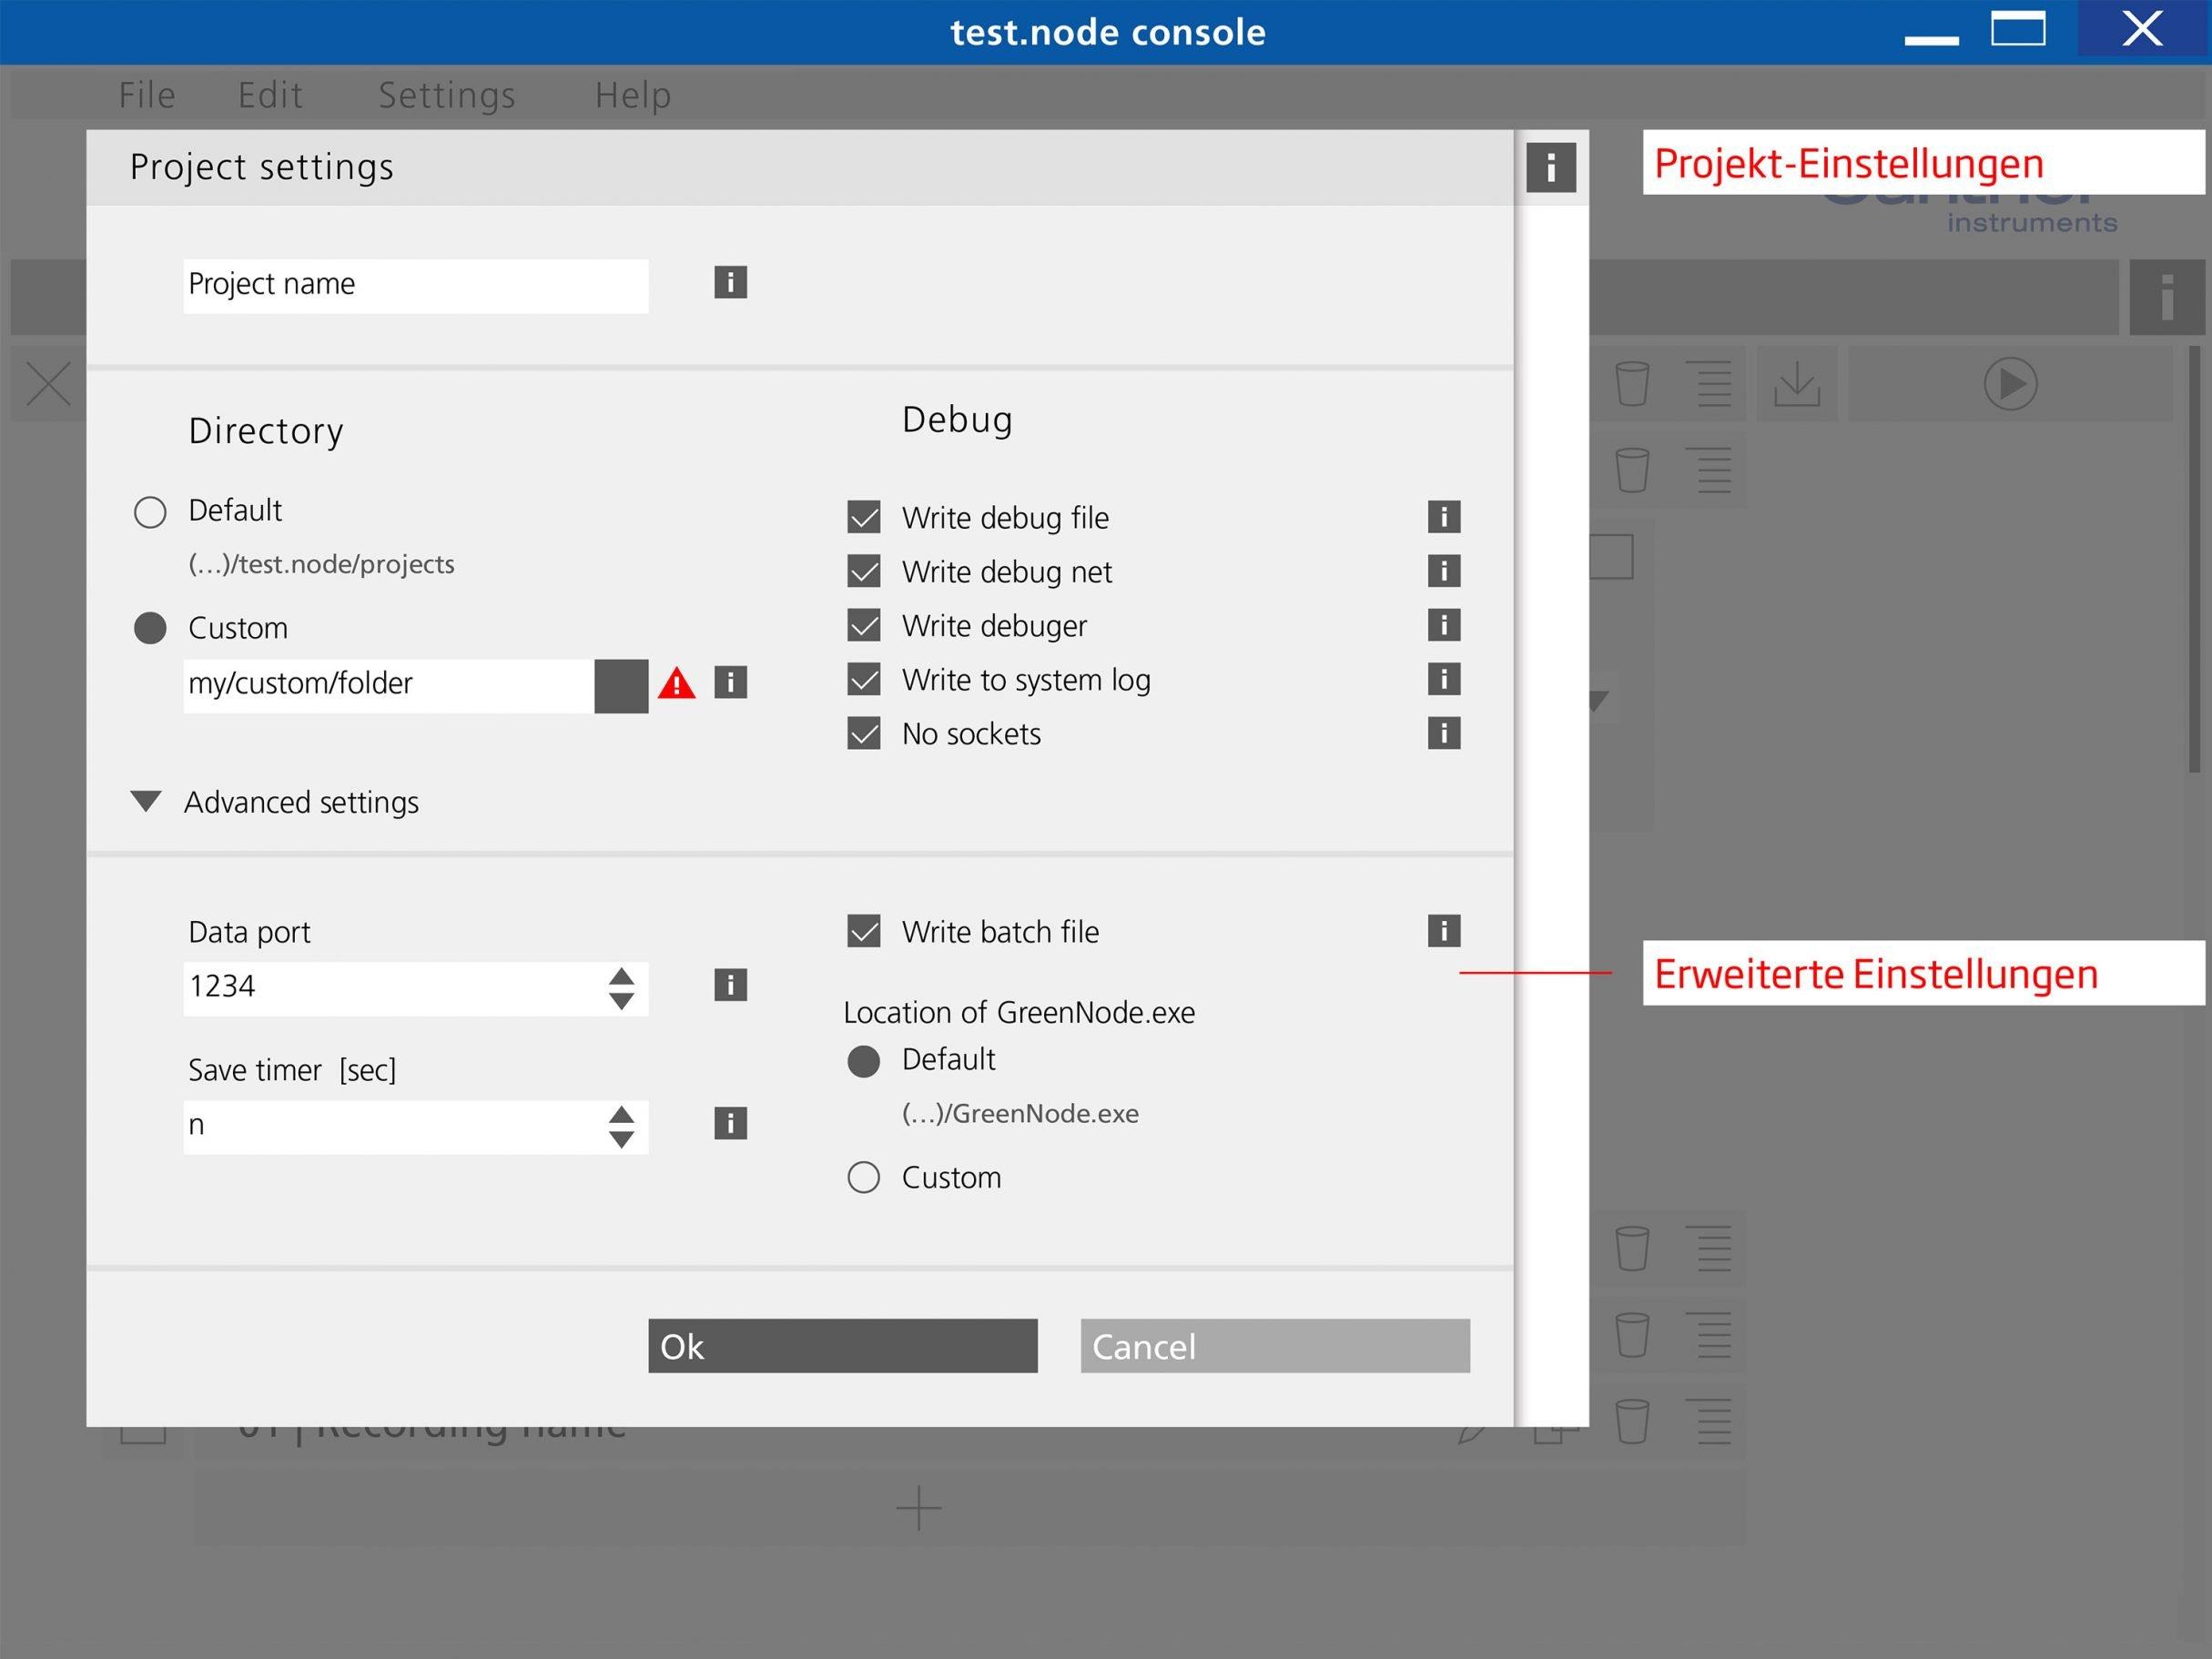 Projekteinstellungen, test.node Software für Gantner Instruments: DIE NEUDENKER® Agentur, Darmstadt